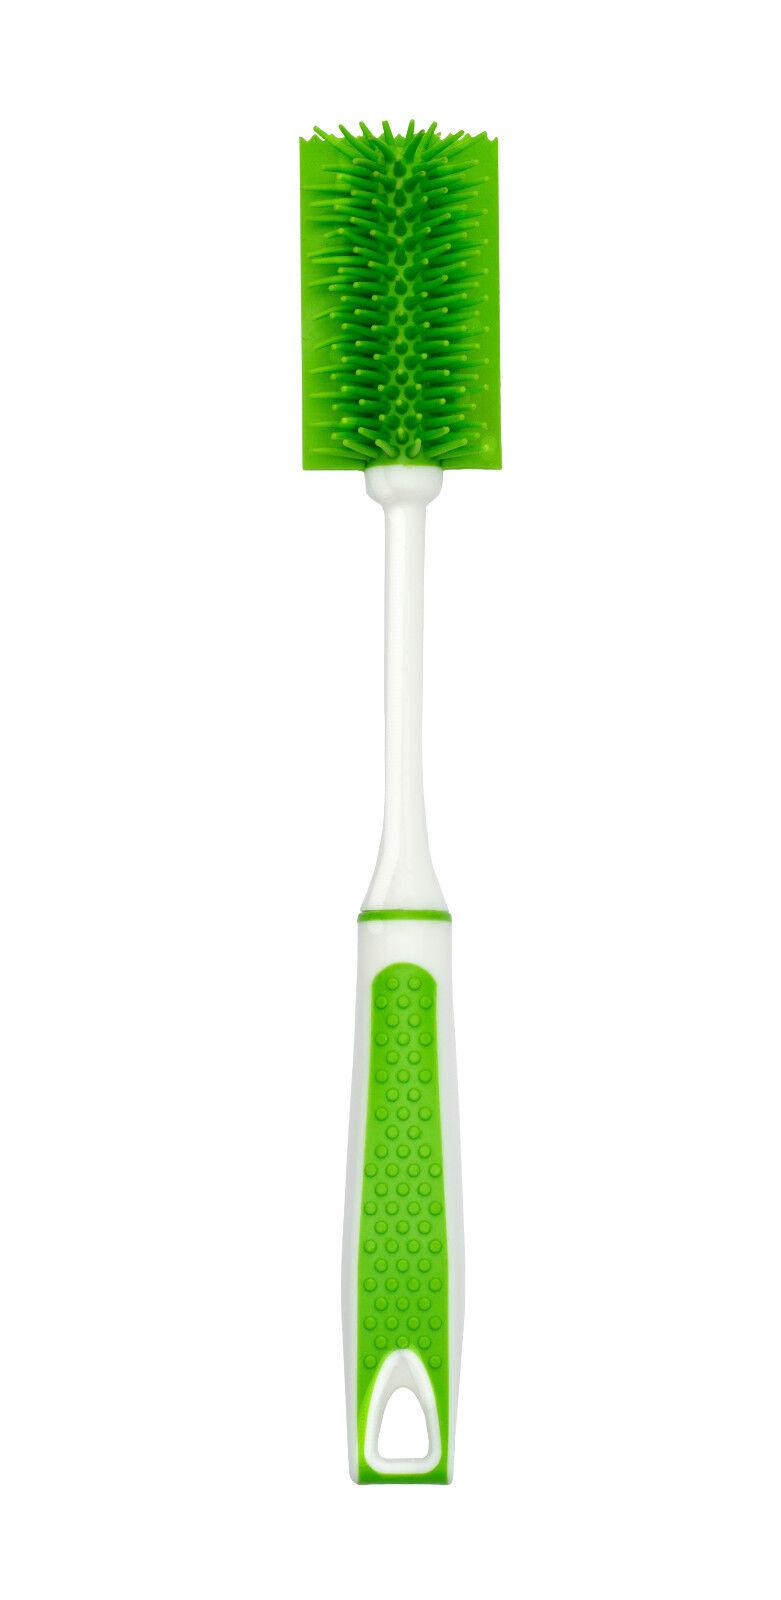 UPP Silikon Flaschenbürste CLEANUPP grün Reinigungsbürste Bürste Silikonbürste